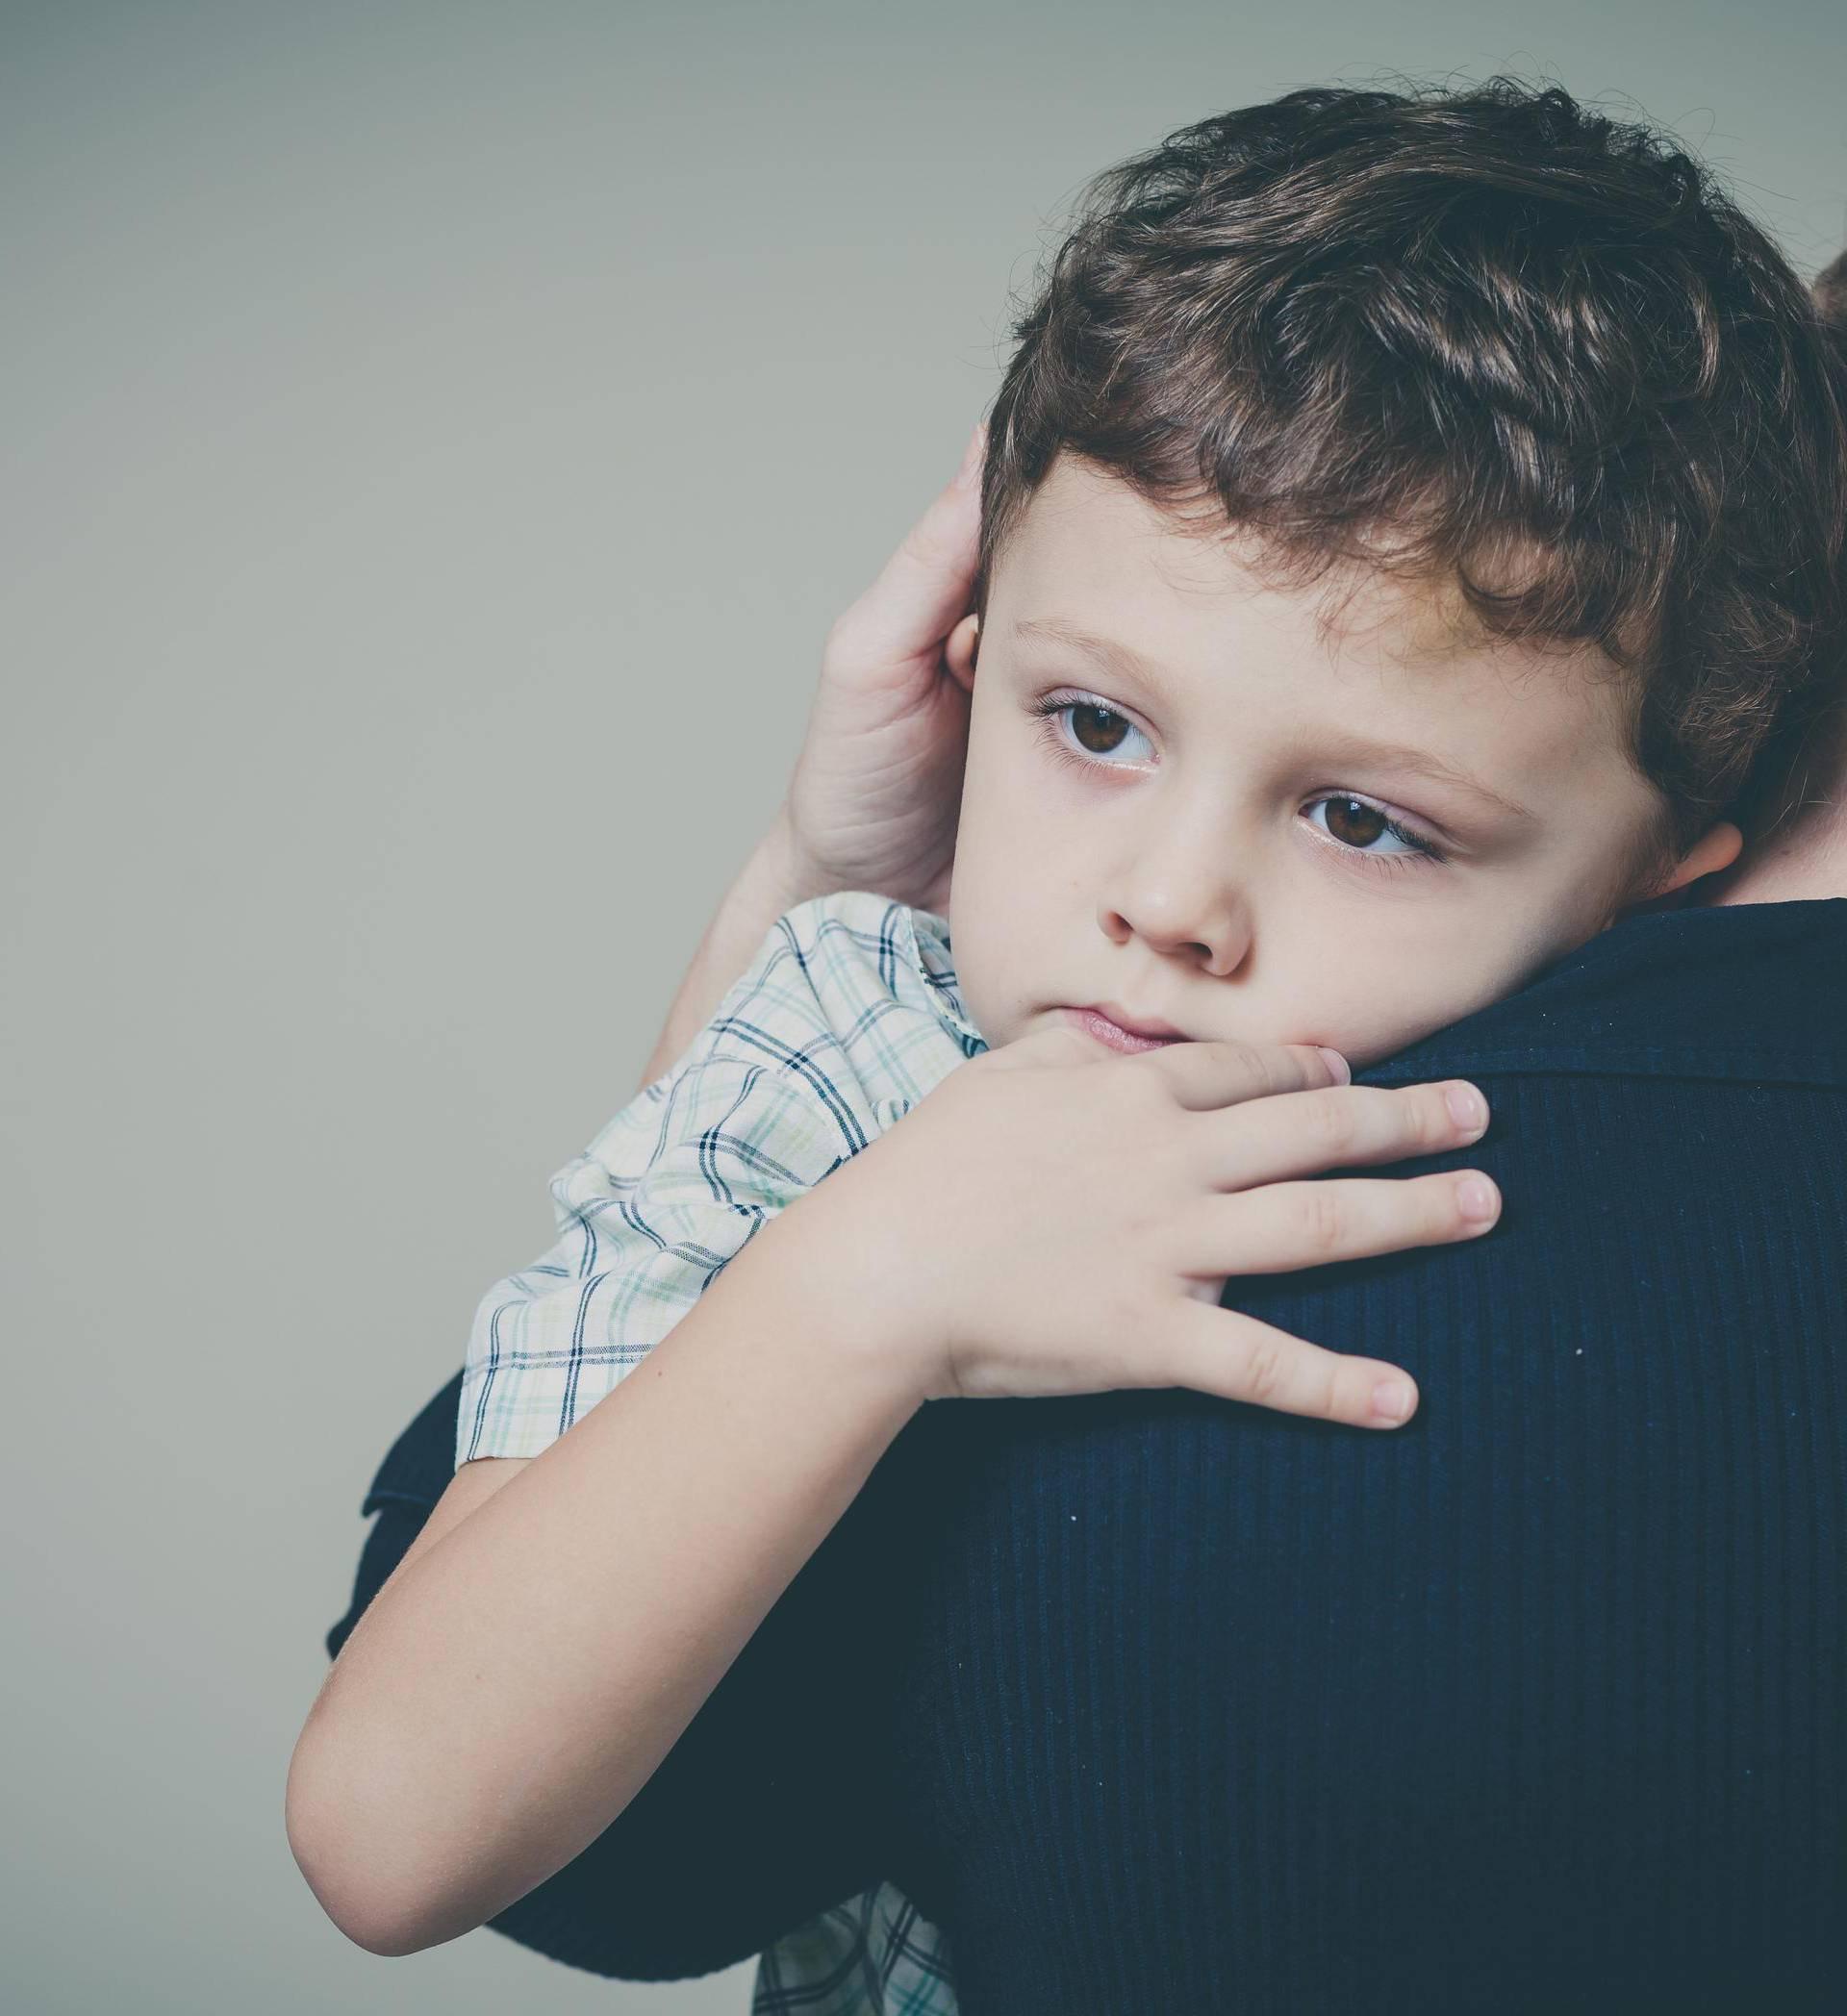 Pismo majke bolesnog dječaka - susjedu koji ih maltretira...